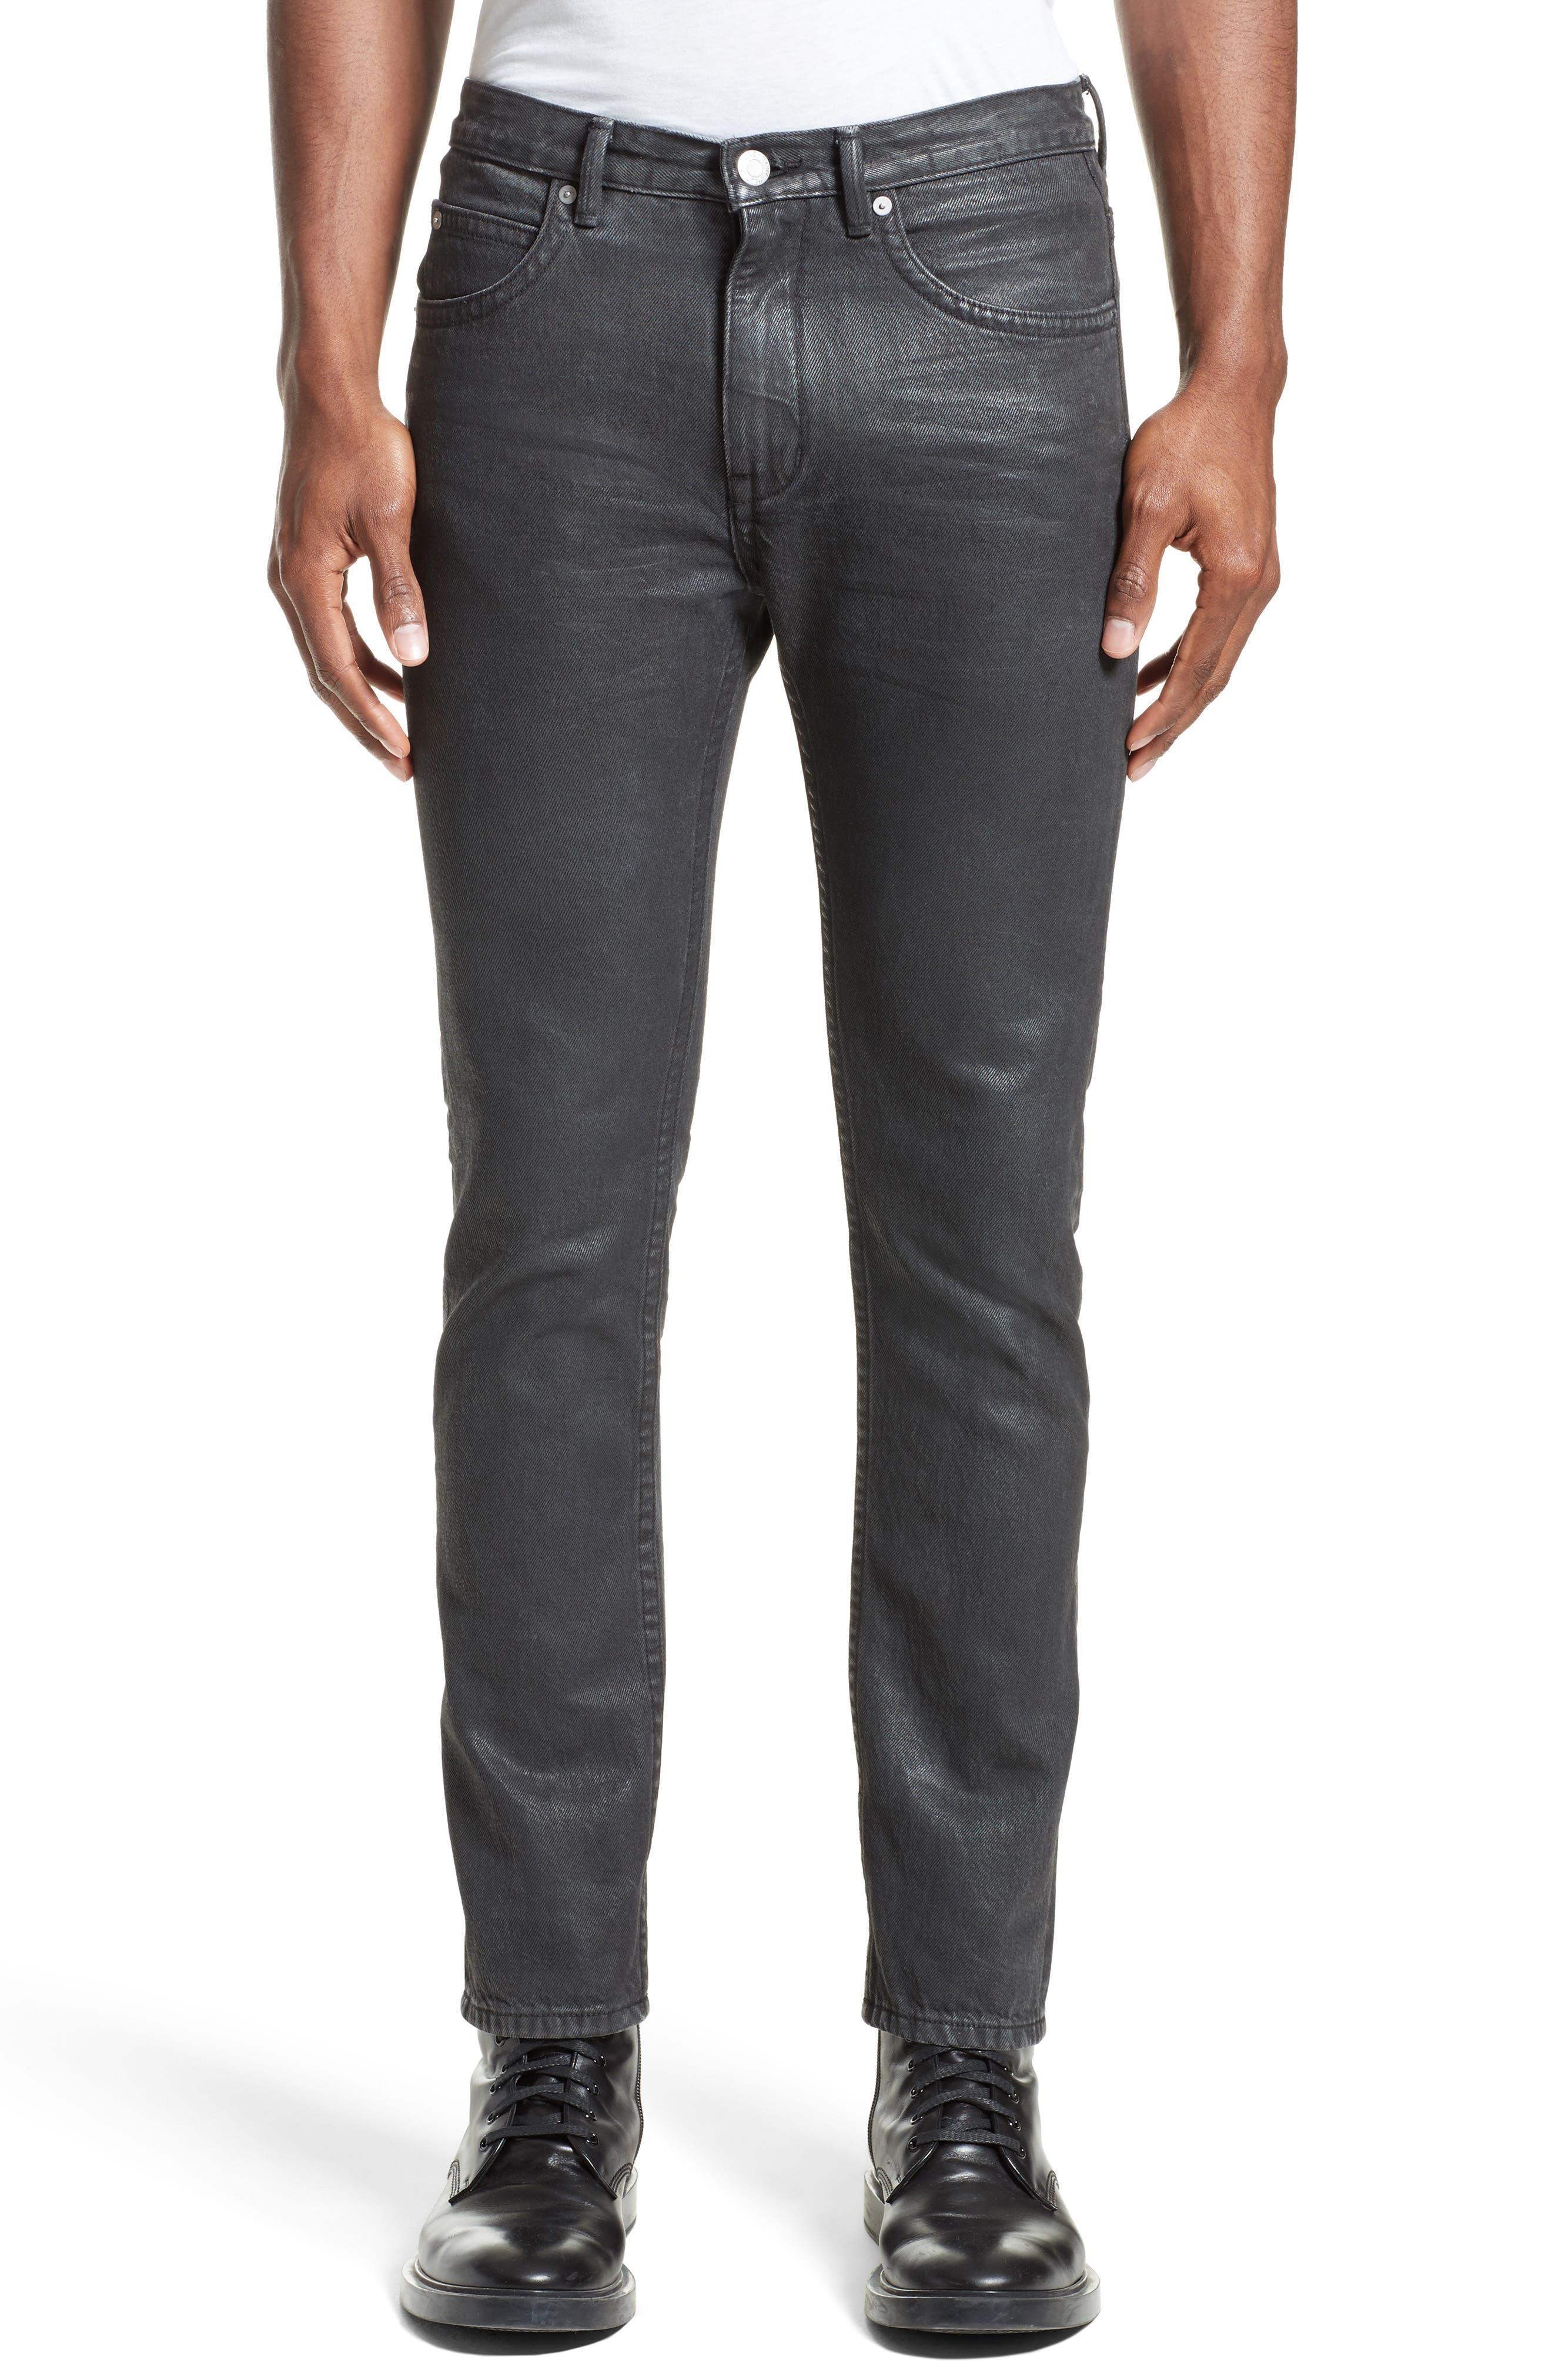 MR 87 Jeans,                         Main,                         color, Eclipse Exhaust